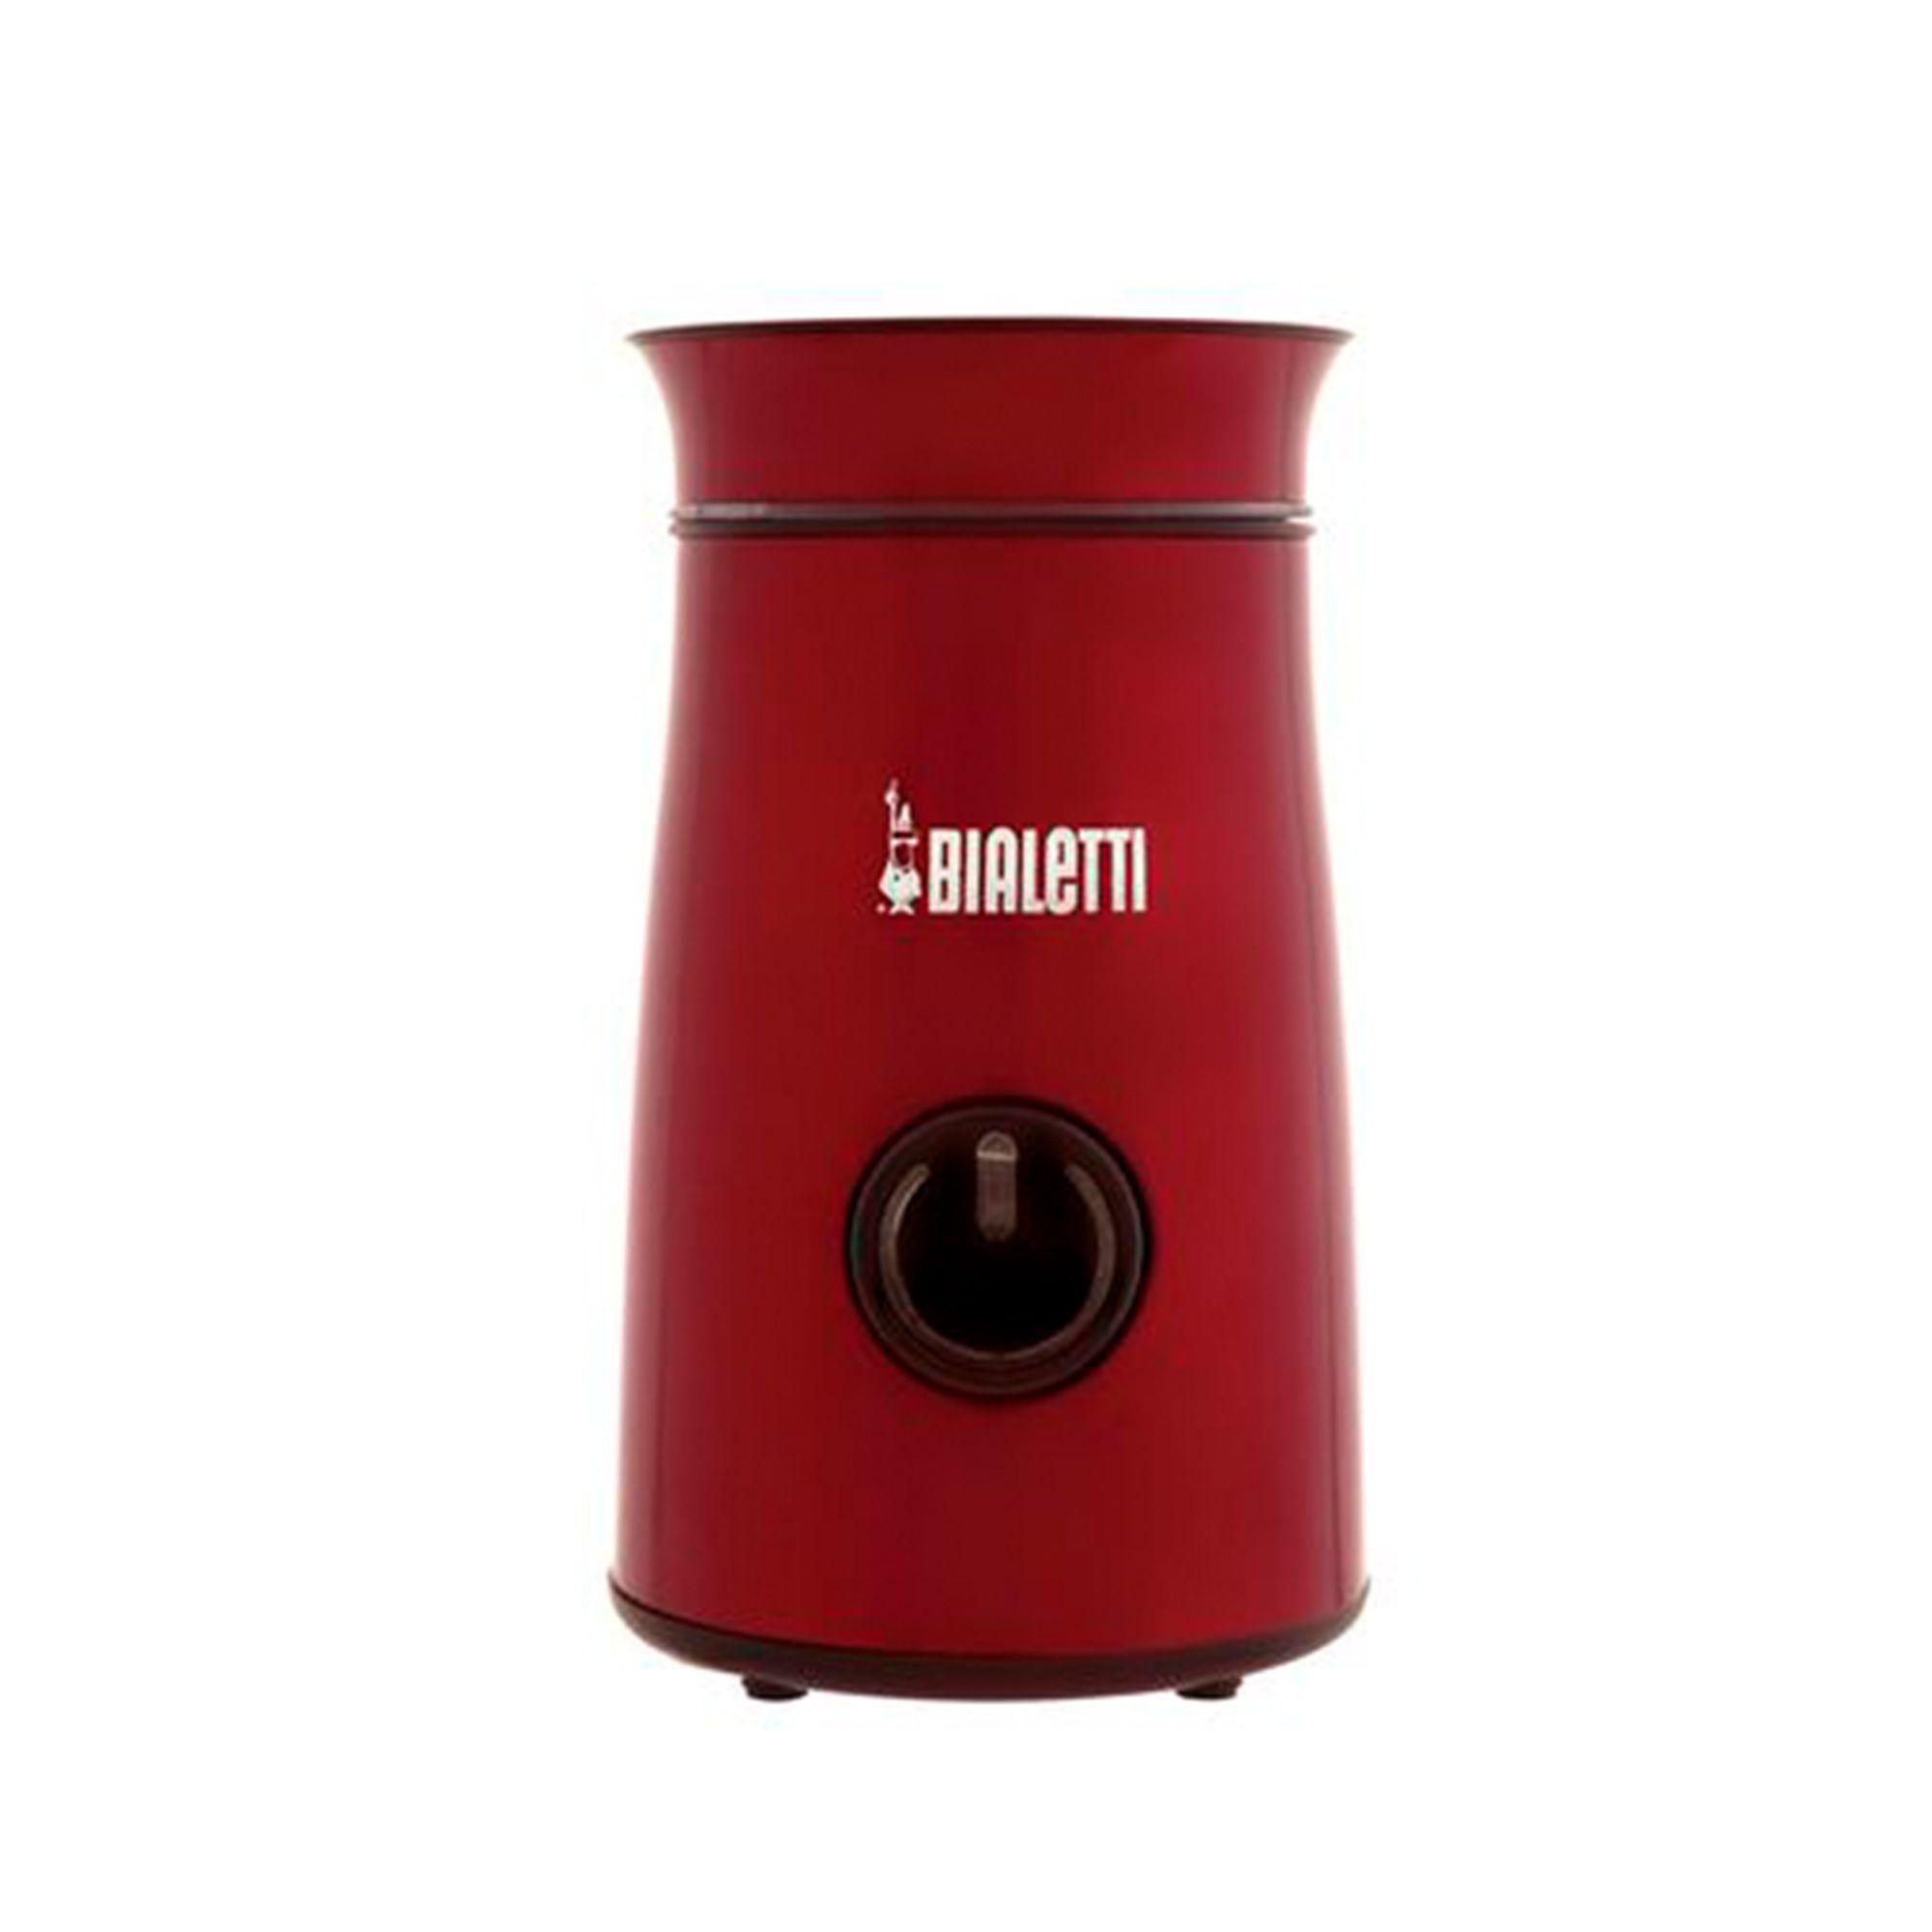 Imeltron - MOEDOR DE CAFE ELETRICITY VERMELHO 110V